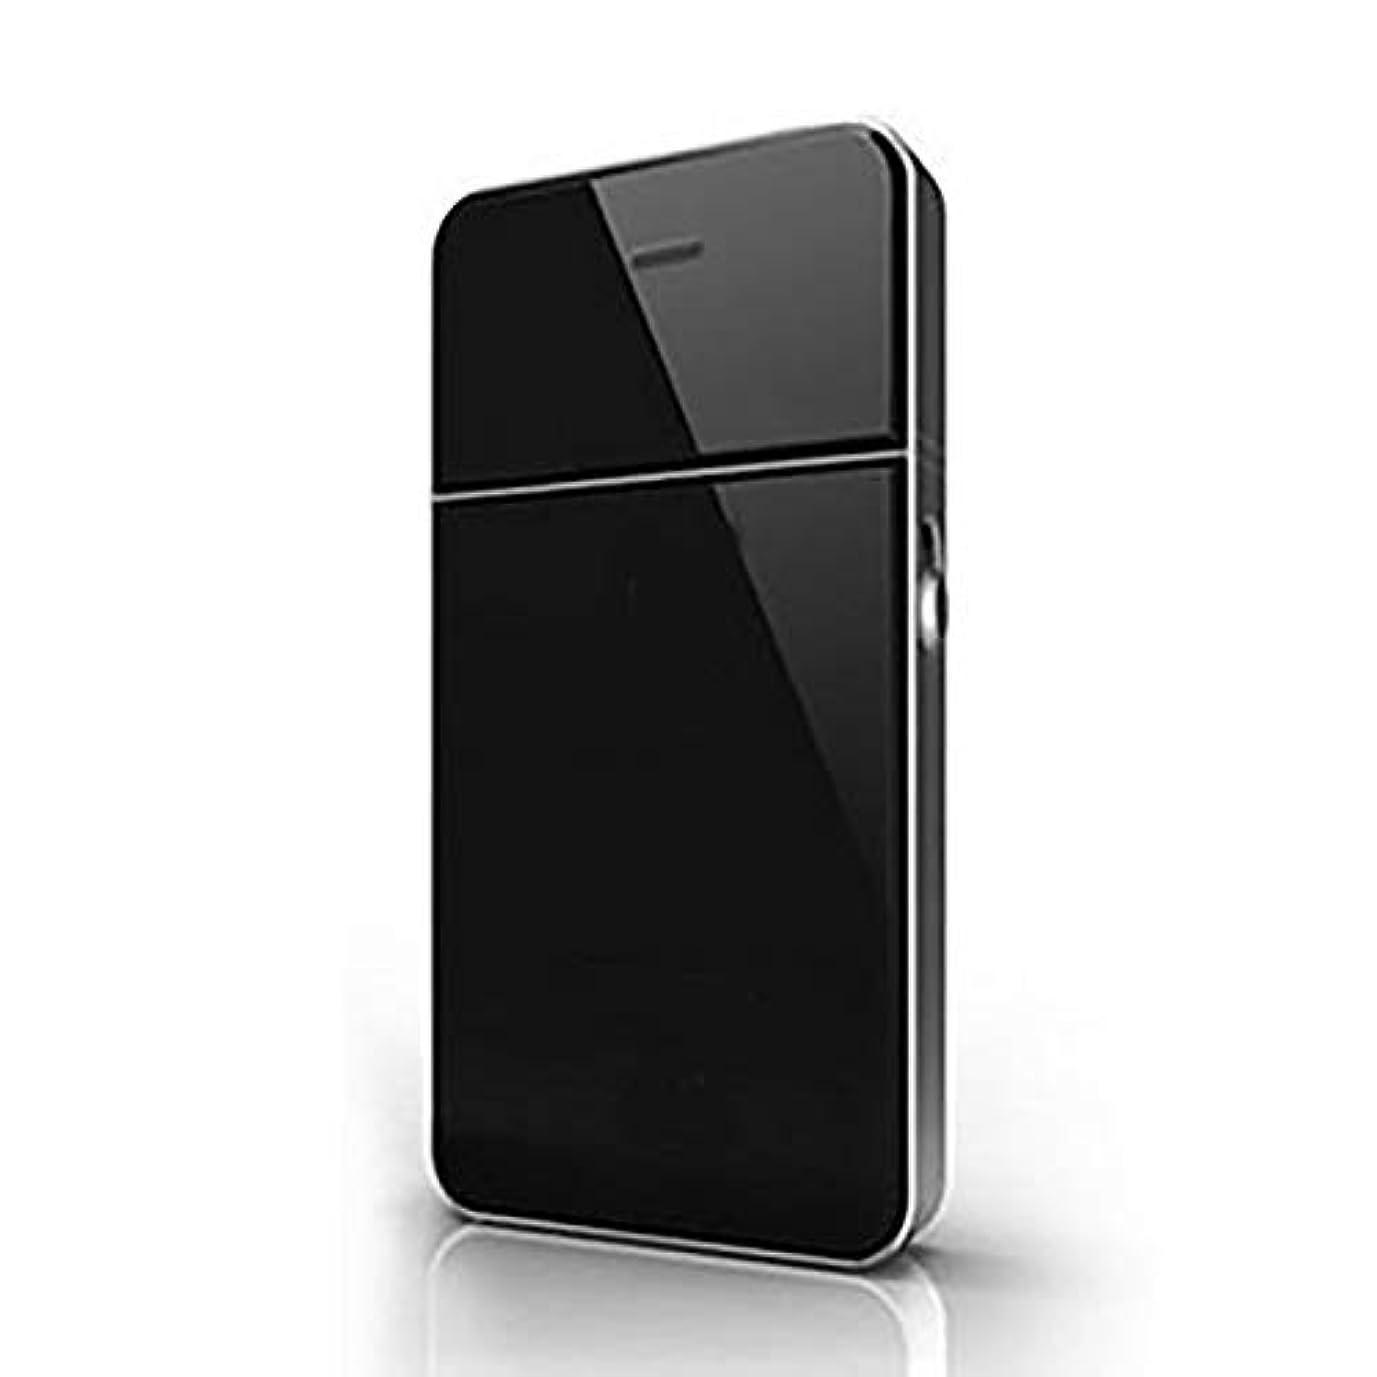 迷彩マージ曲CoolTack 有料電気シェーバー男性箔スリムシェーバー往復かみそりフェイスケアツール